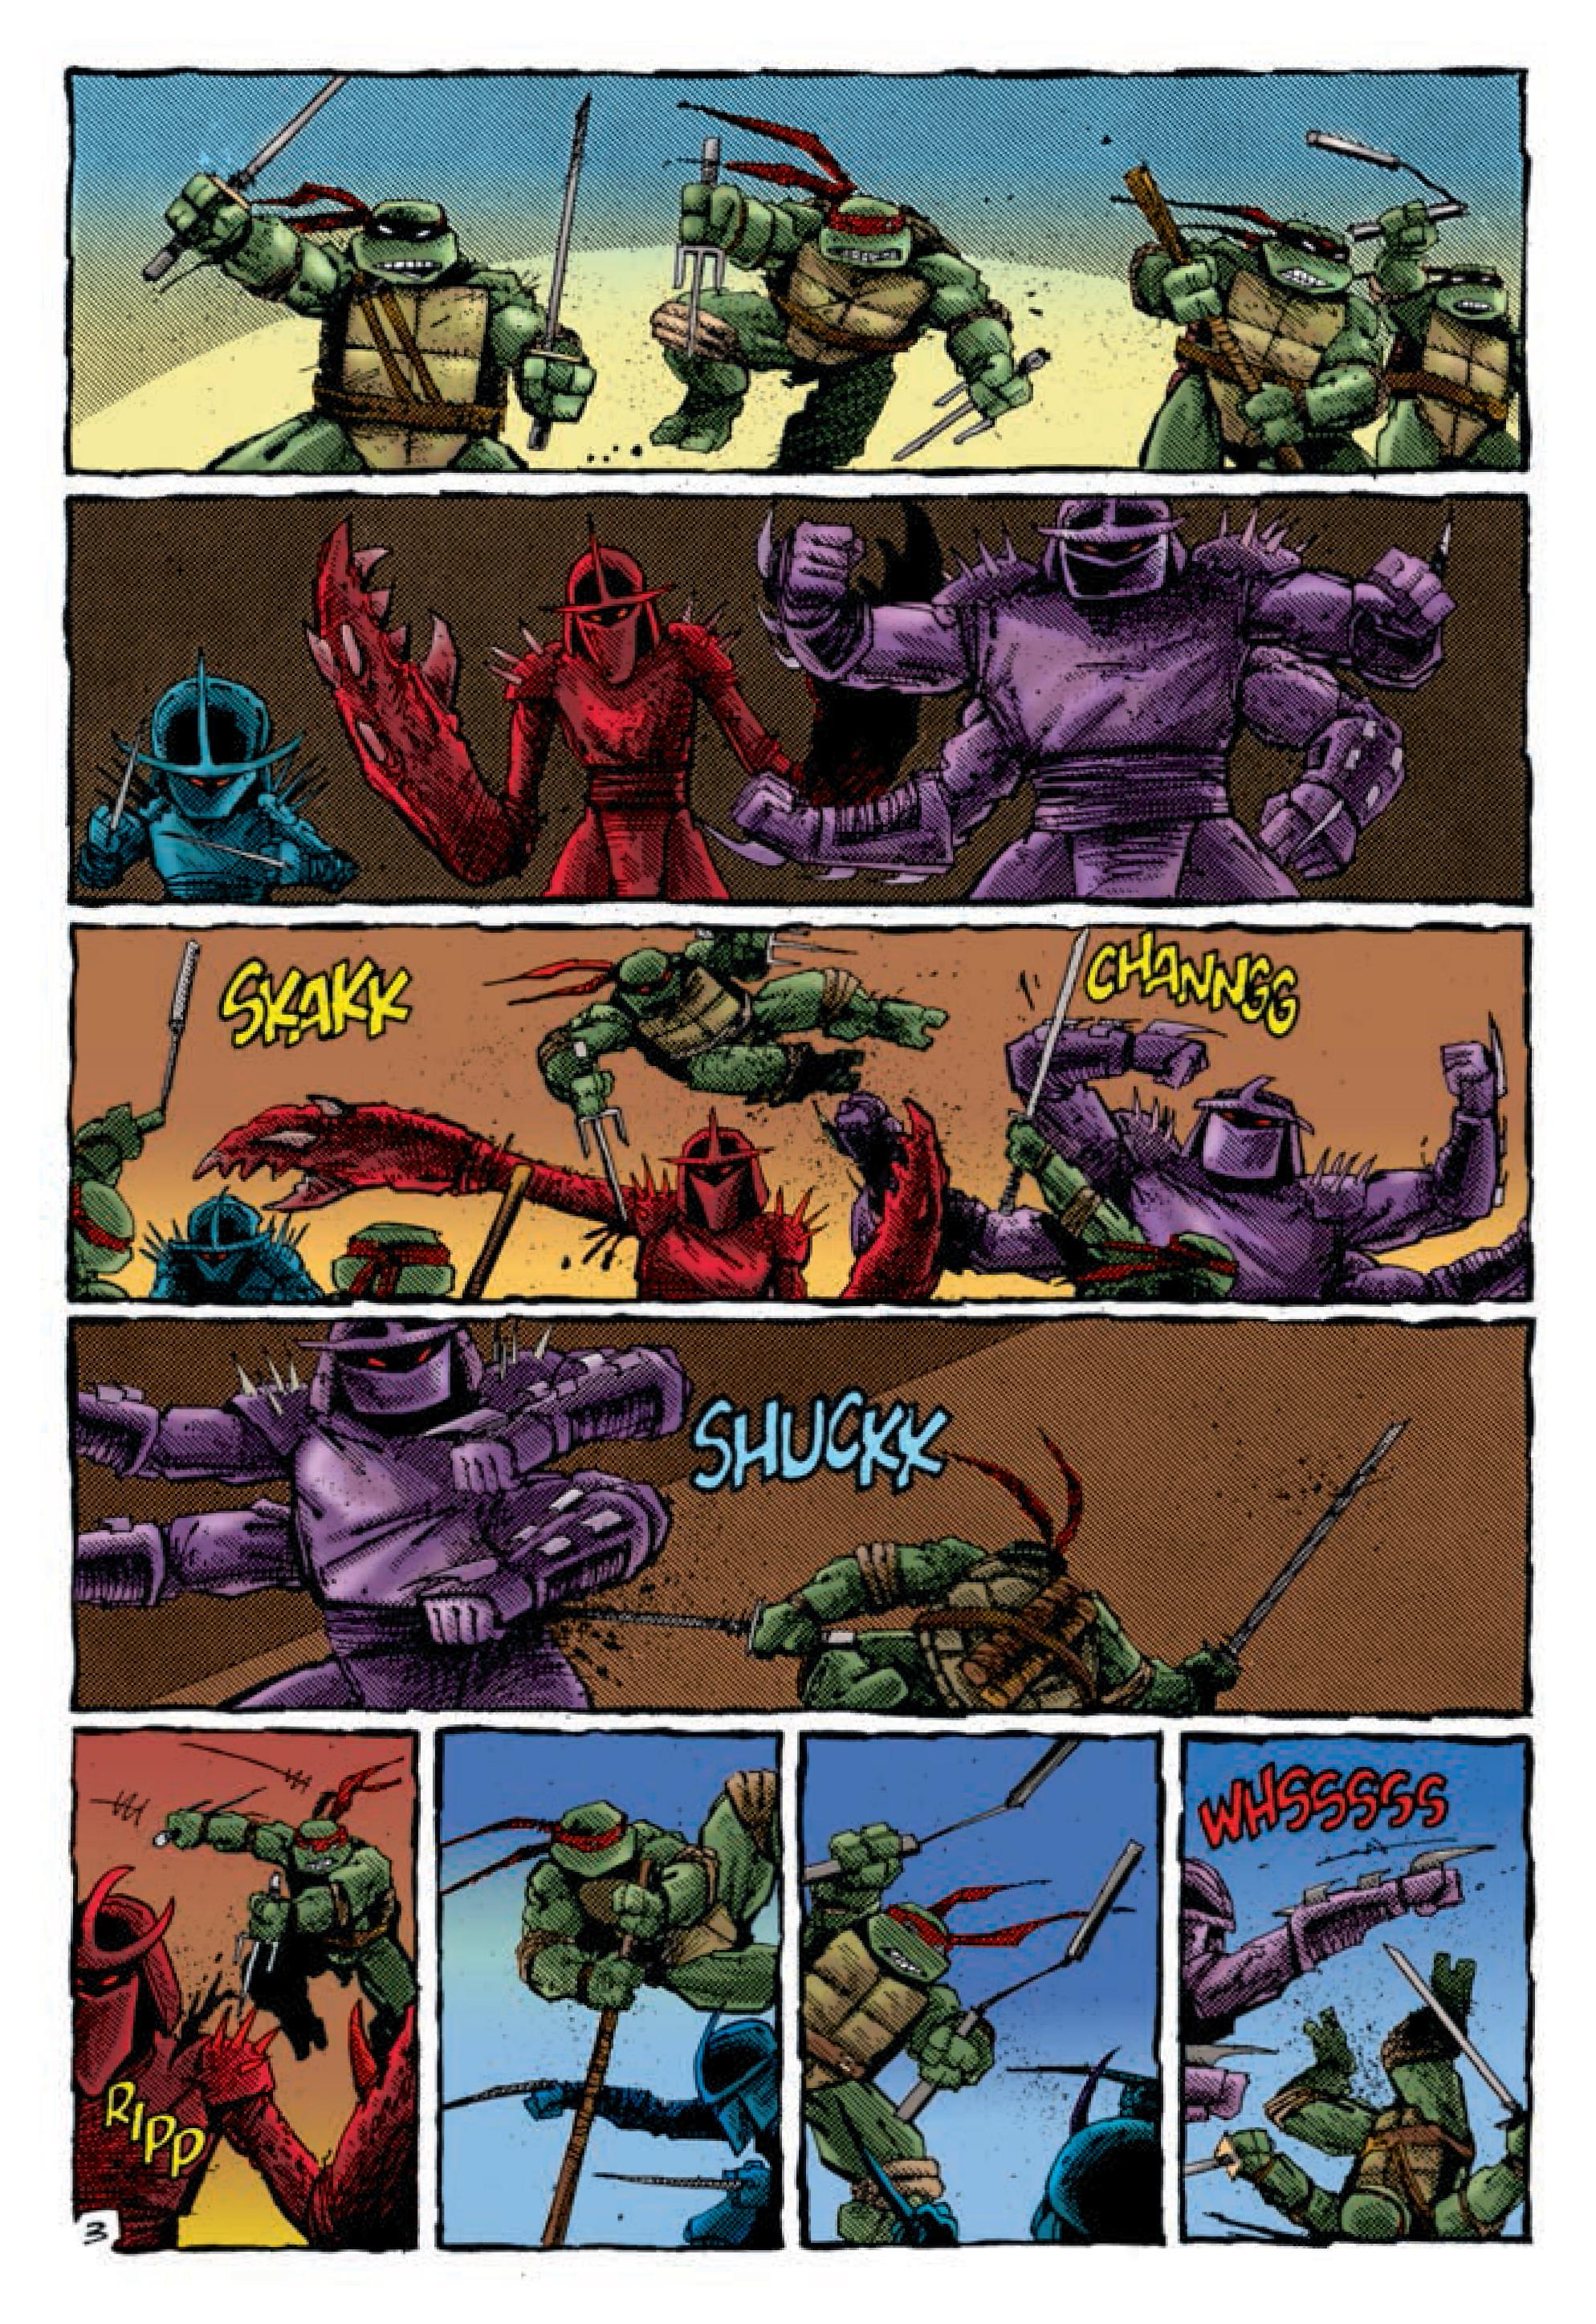 eastman & lairds teenage mutant ninja turtles volume 3 review